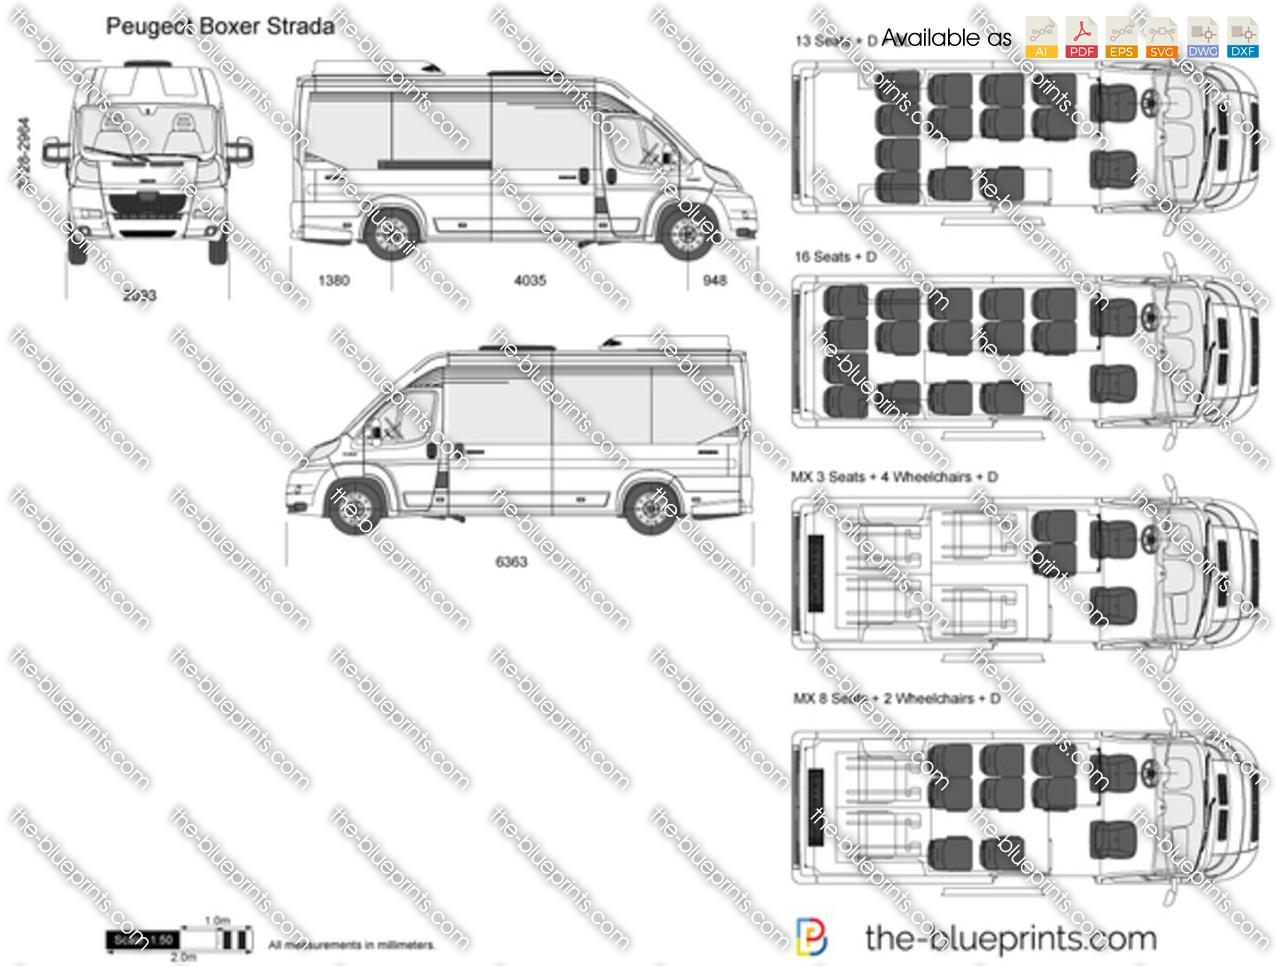 Peugeot Boxer Strada vector drawing